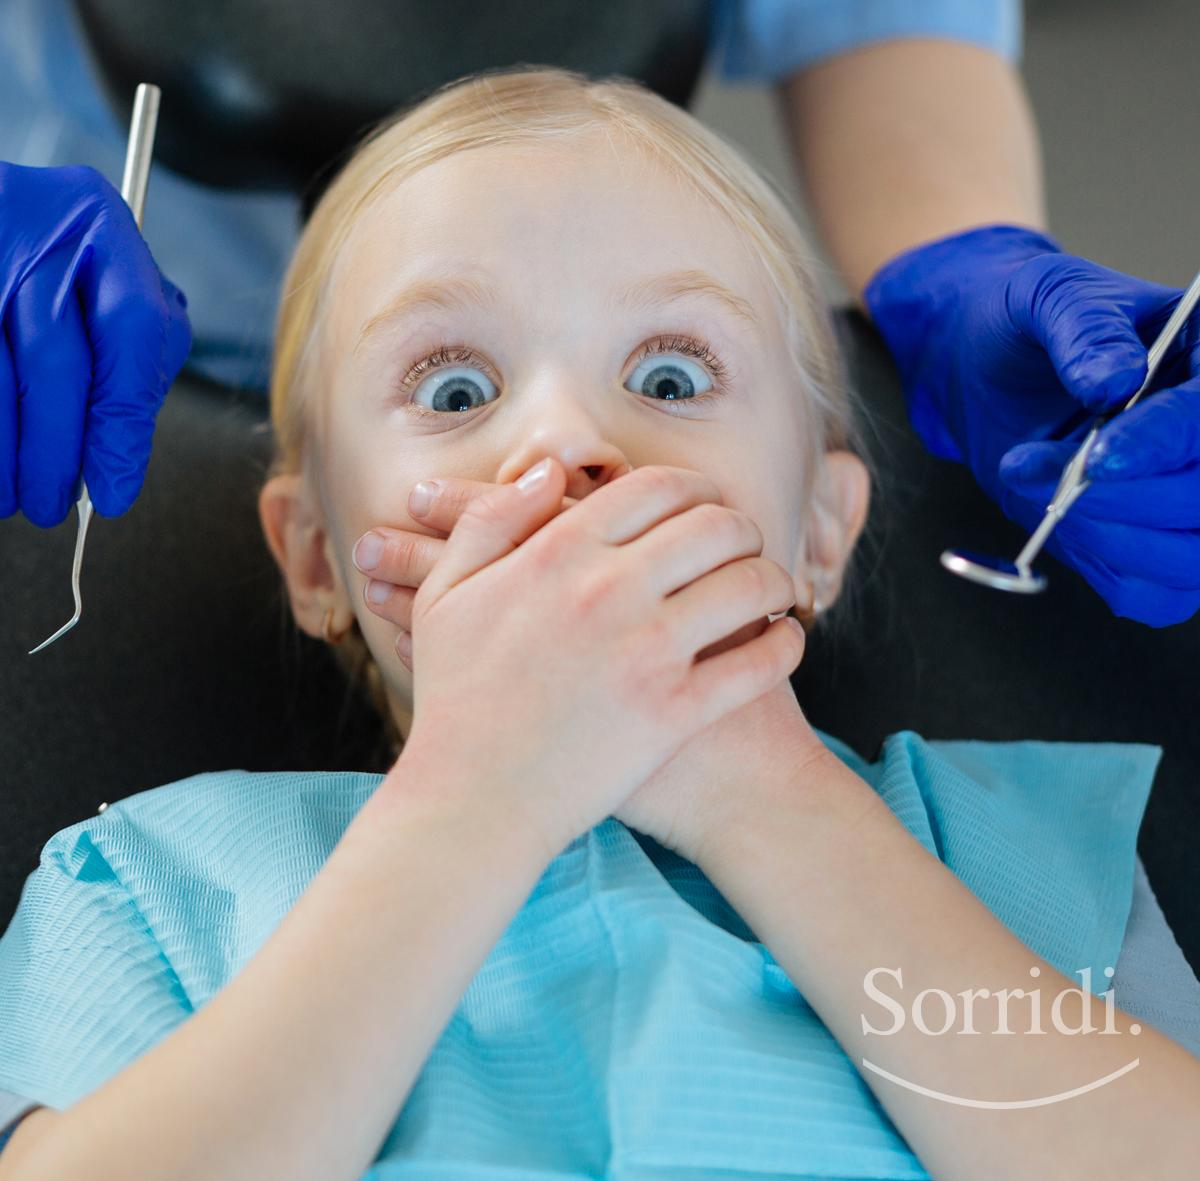 sorridi-ch-magazine-paura-del-dentista-locarno